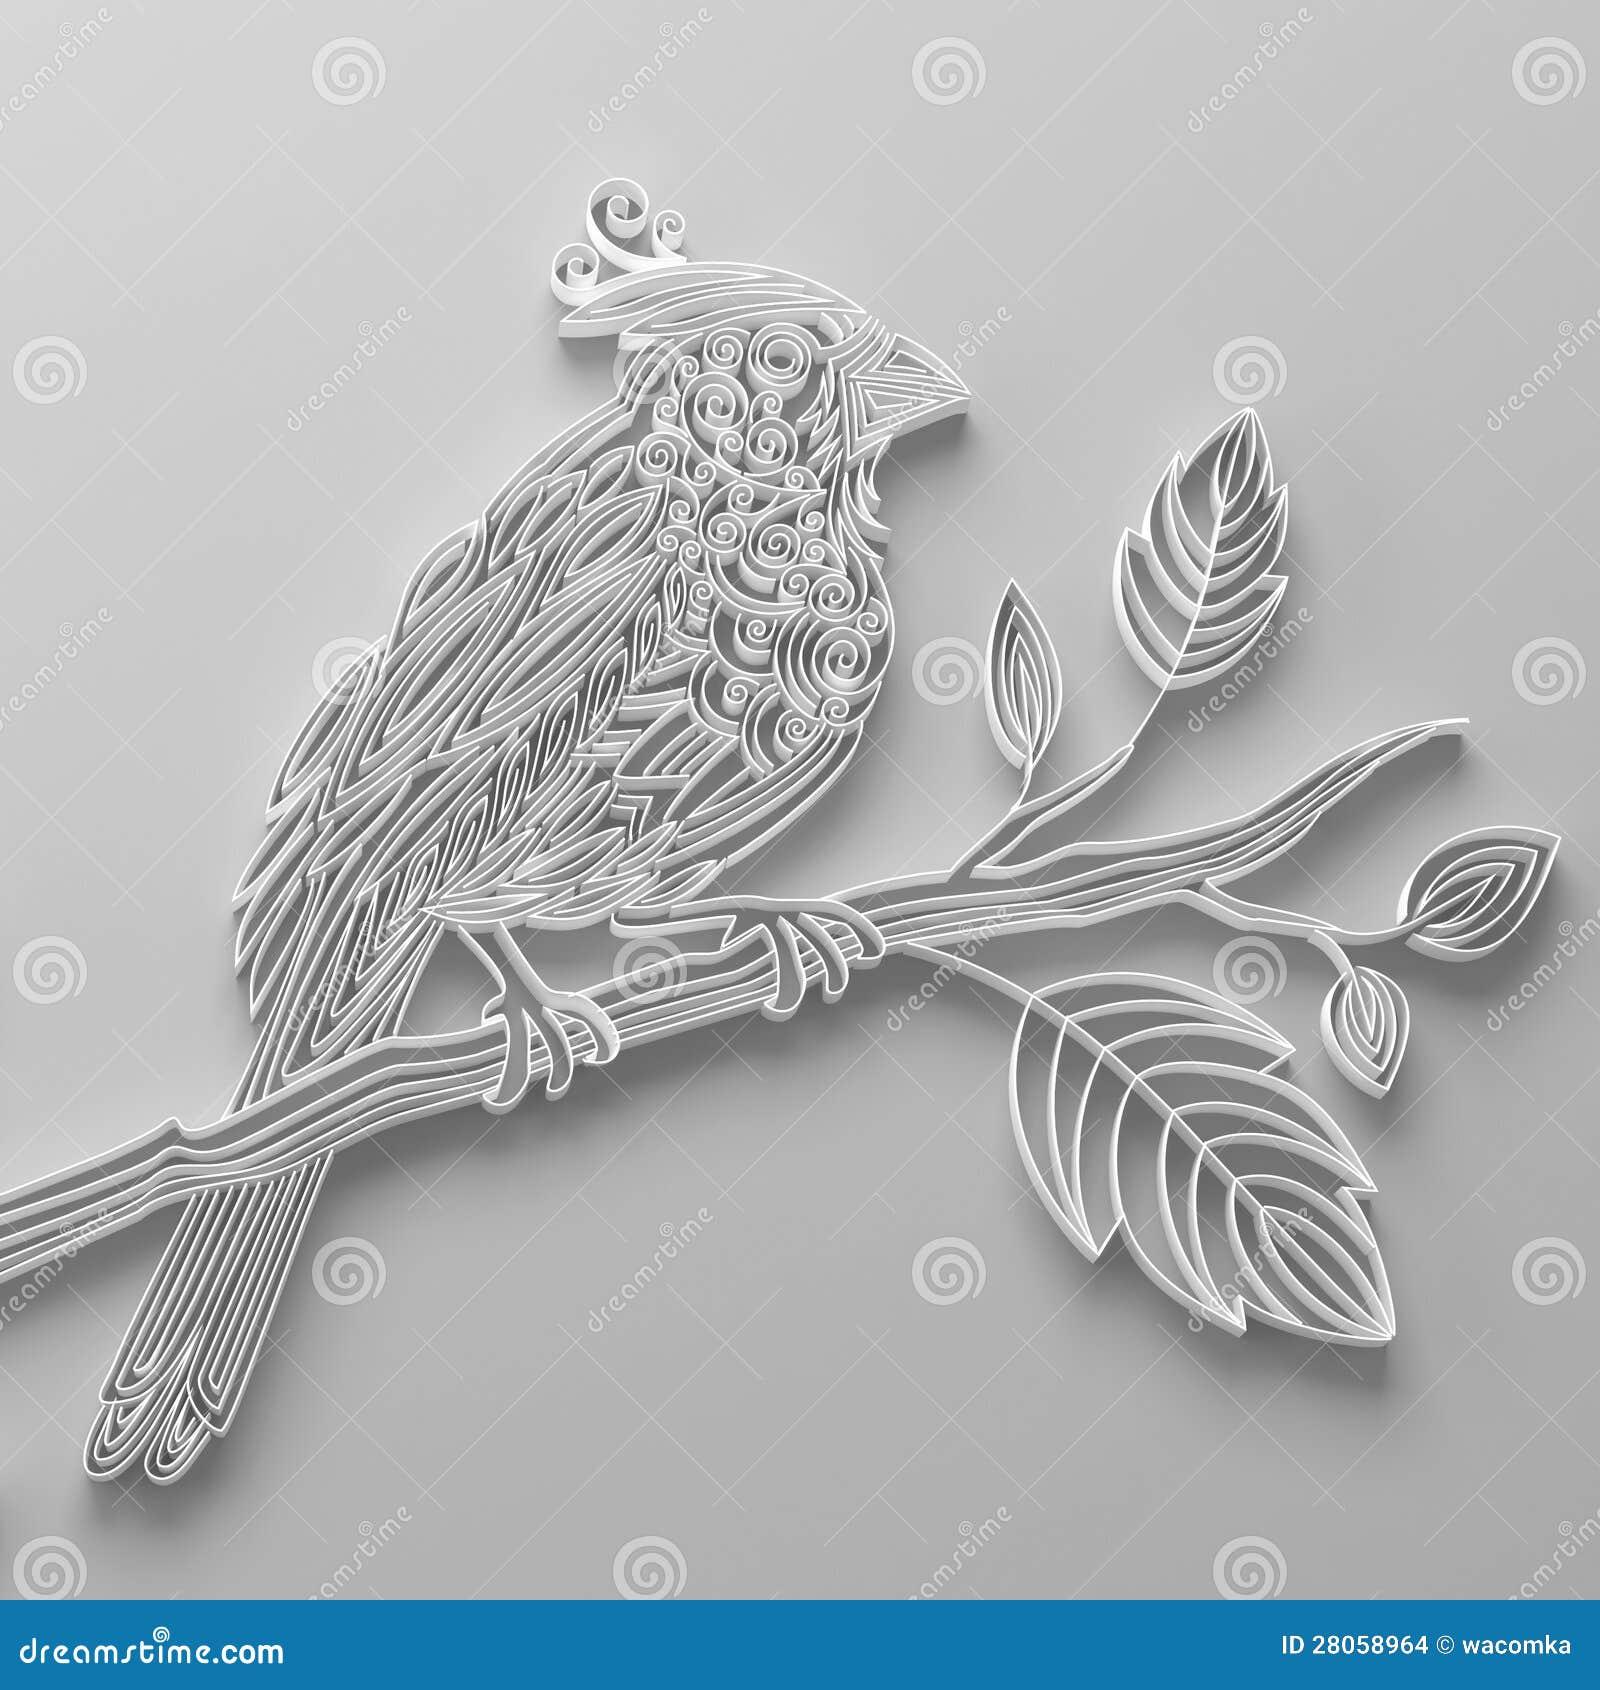 oiseau de papier quilling blanc images stock image 28058964. Black Bedroom Furniture Sets. Home Design Ideas